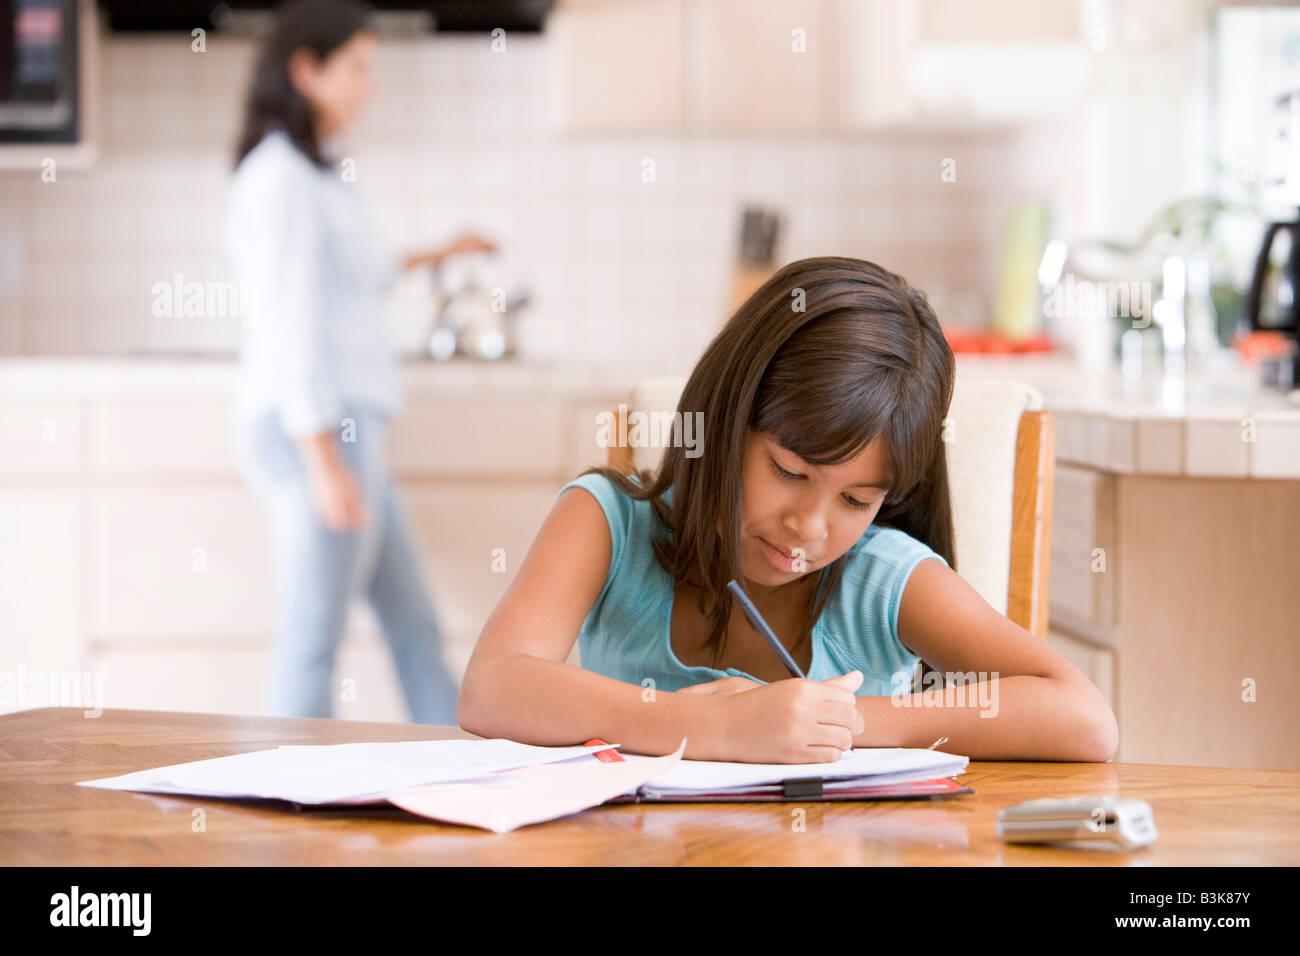 Giovane ragazza in cucina a fare i compiti con la donna in background Immagini Stock